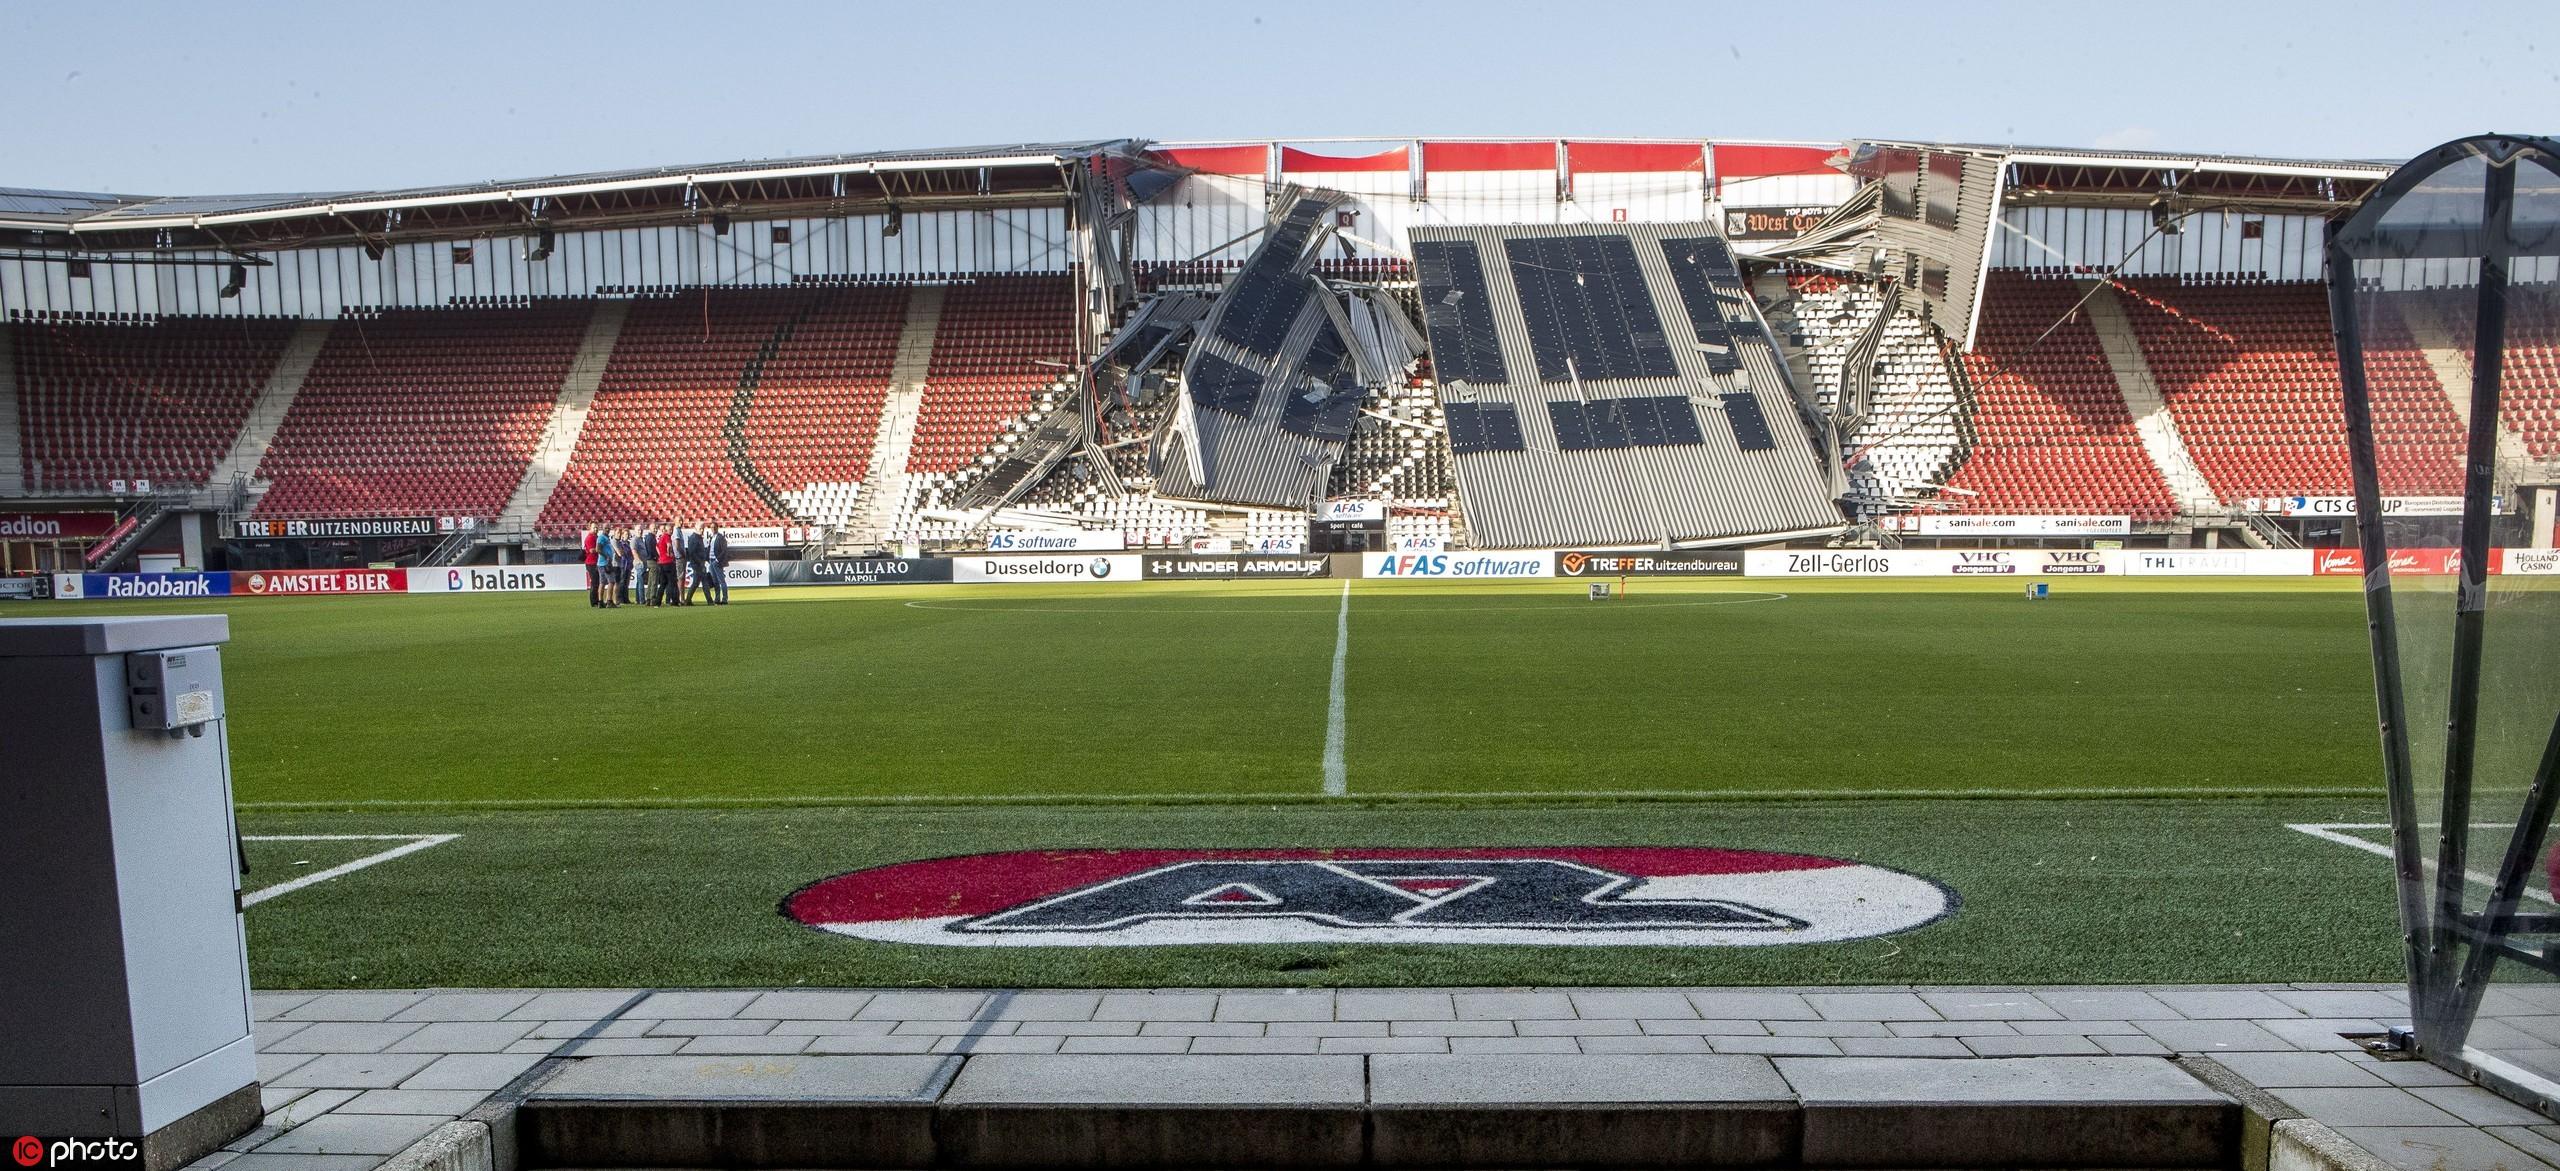 多图流:荷甲阿尔克马尔主场看台被风吹毁,所幸无人伤亡